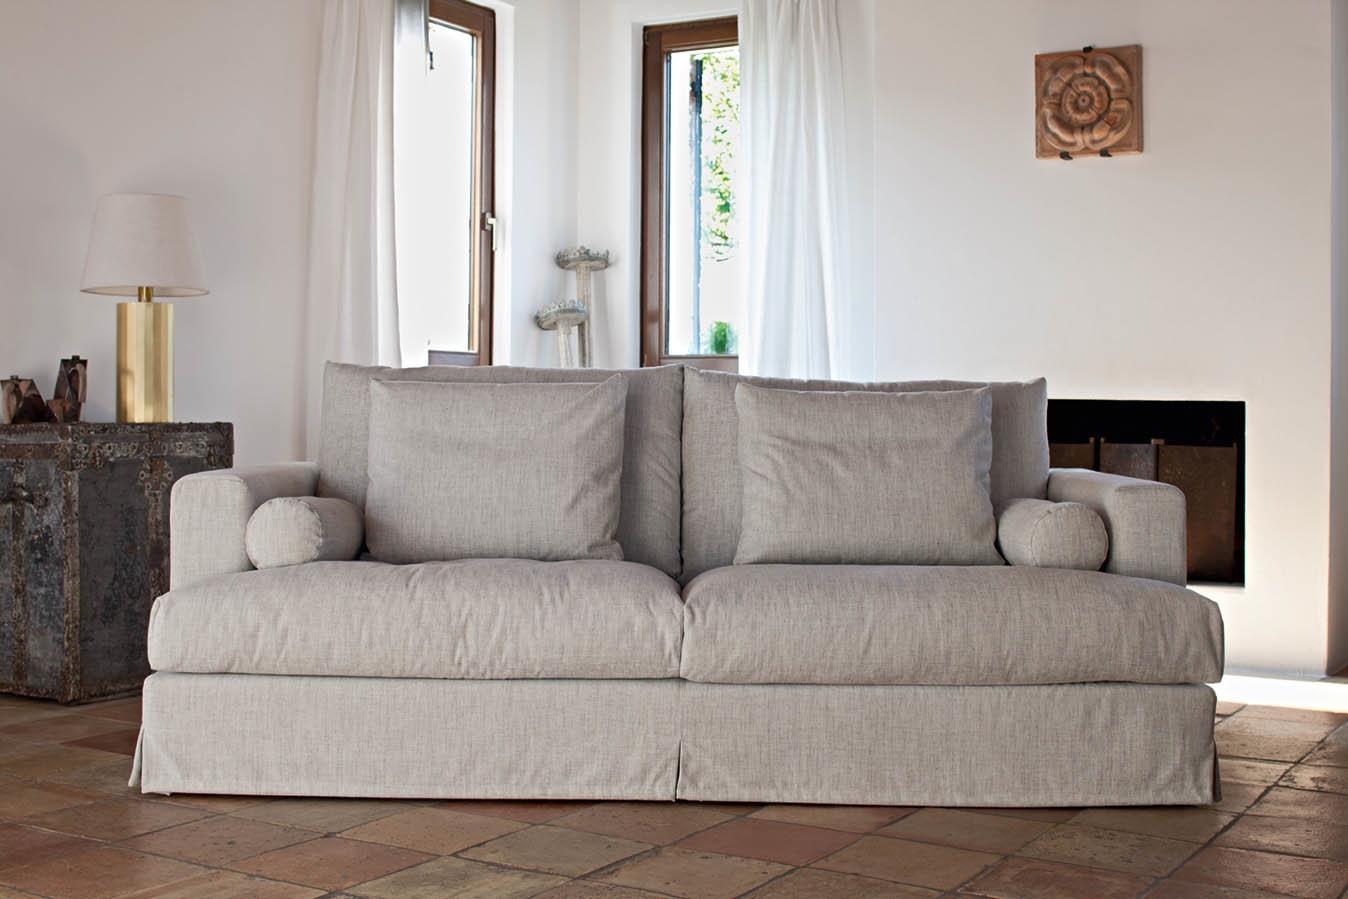 Divano 3 2 in tessuto divani a prezzi scontati for Divano in tessuto